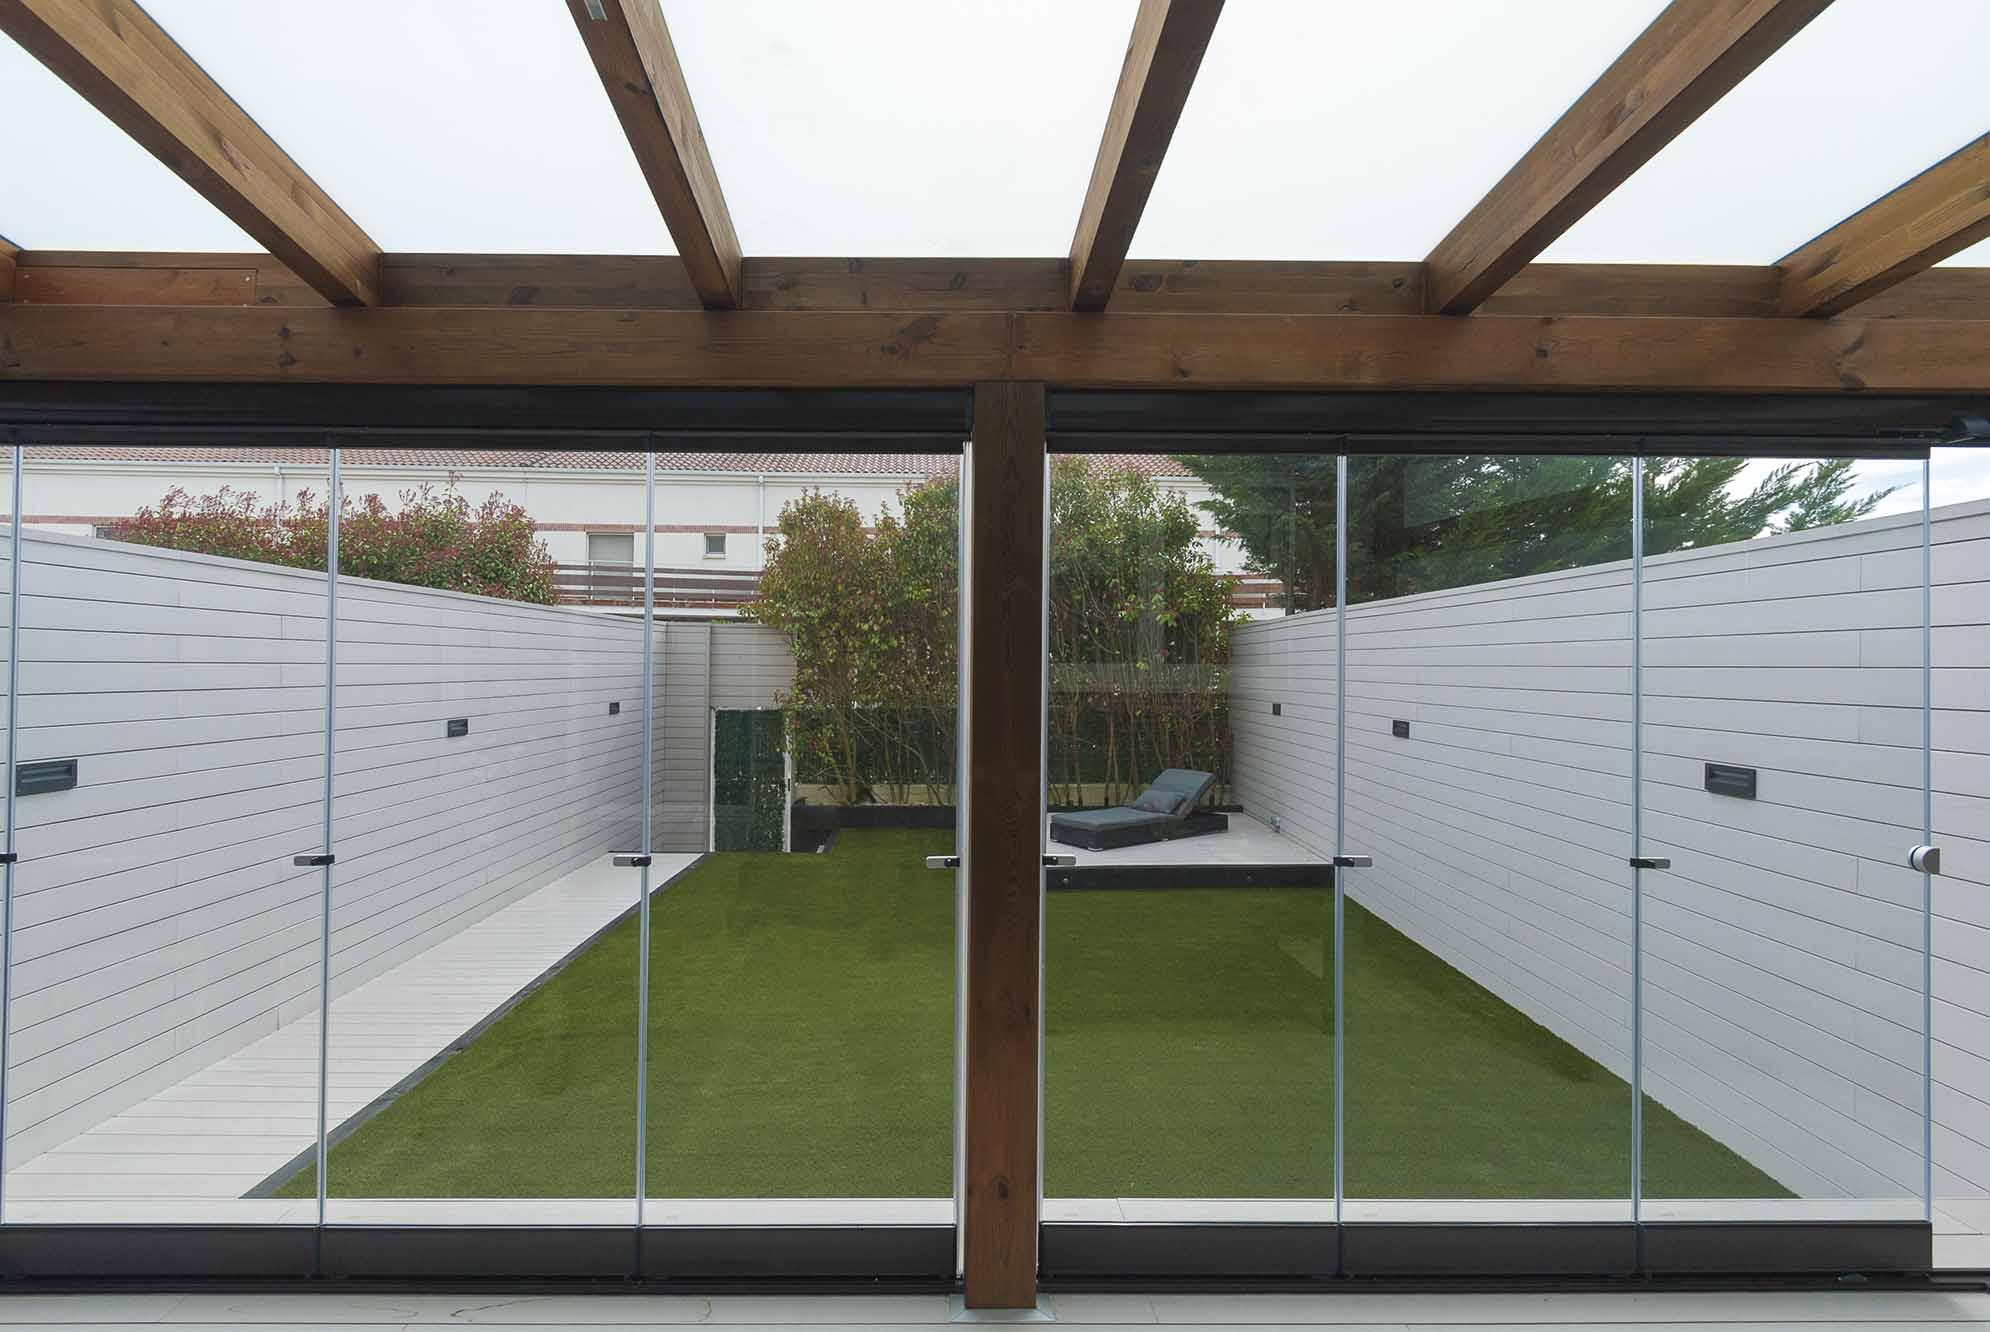 cerramientos-cristal-porches-jardines-aticos-10